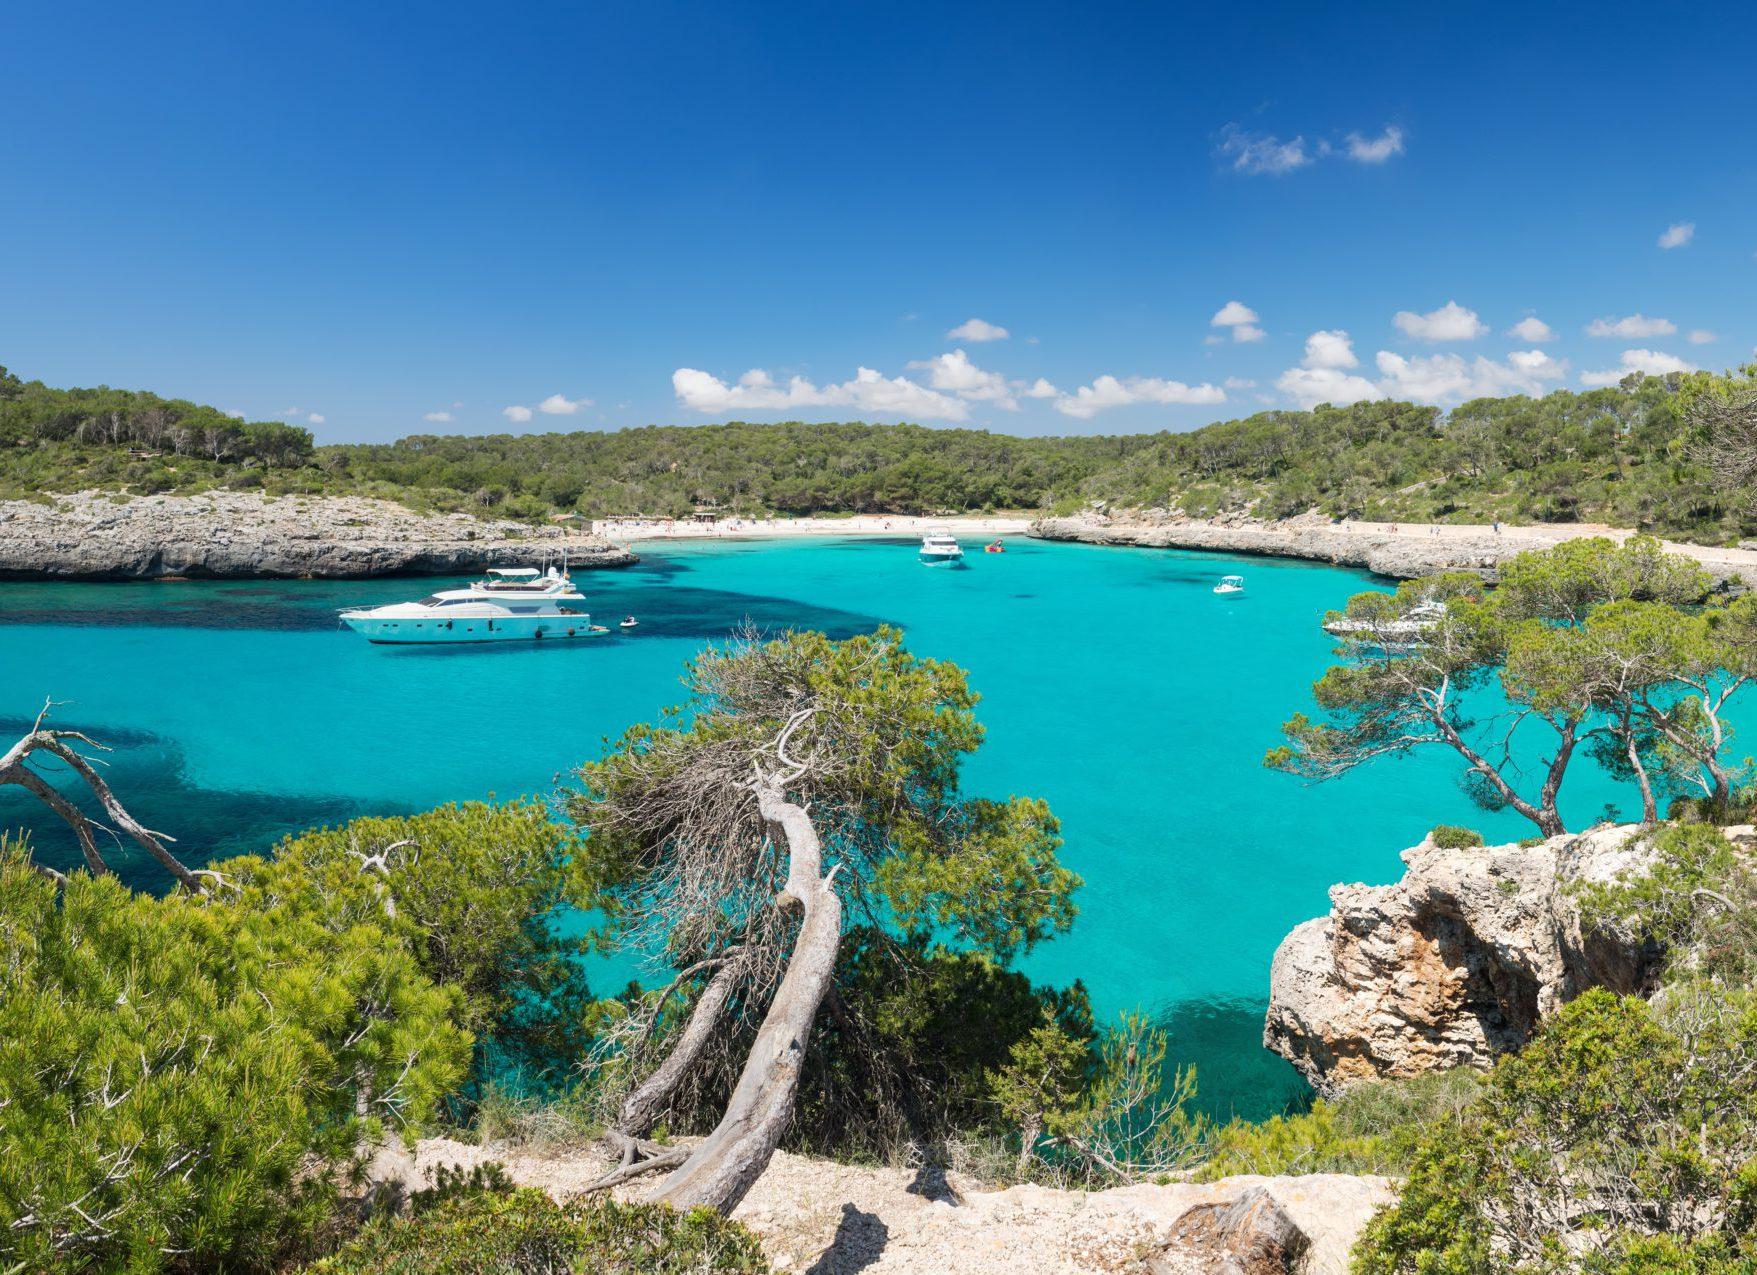 Остров Майорка, Испания, и его пляжи . Путеводитель по курорту, достопримечательности, активный досуг, отдых, климат и отзывы